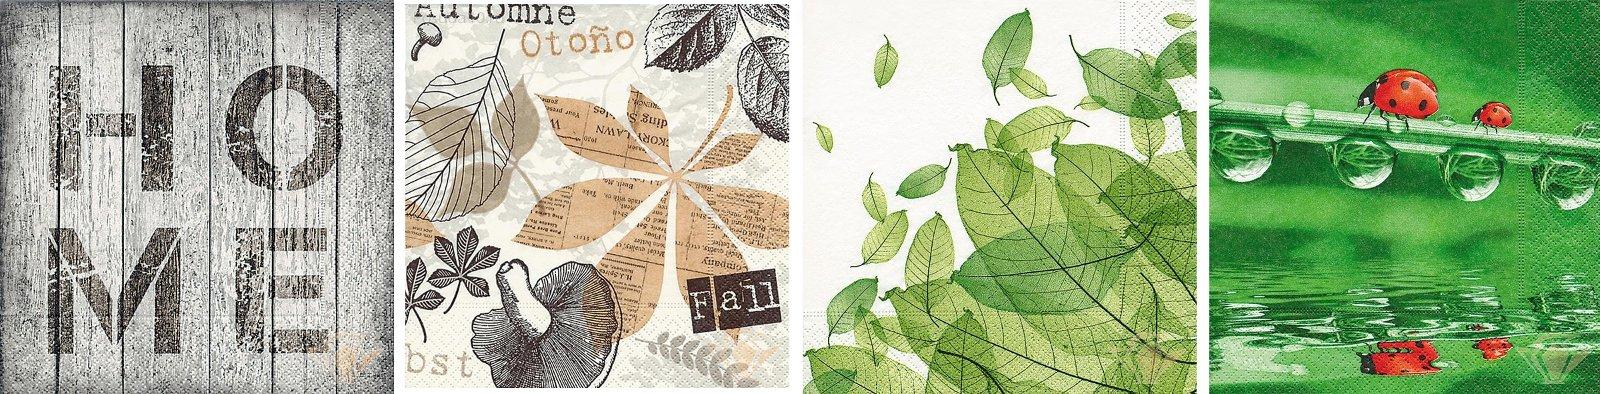 Бумажные салфетки от Paper+Design с изображениями древесных и растительных текстур